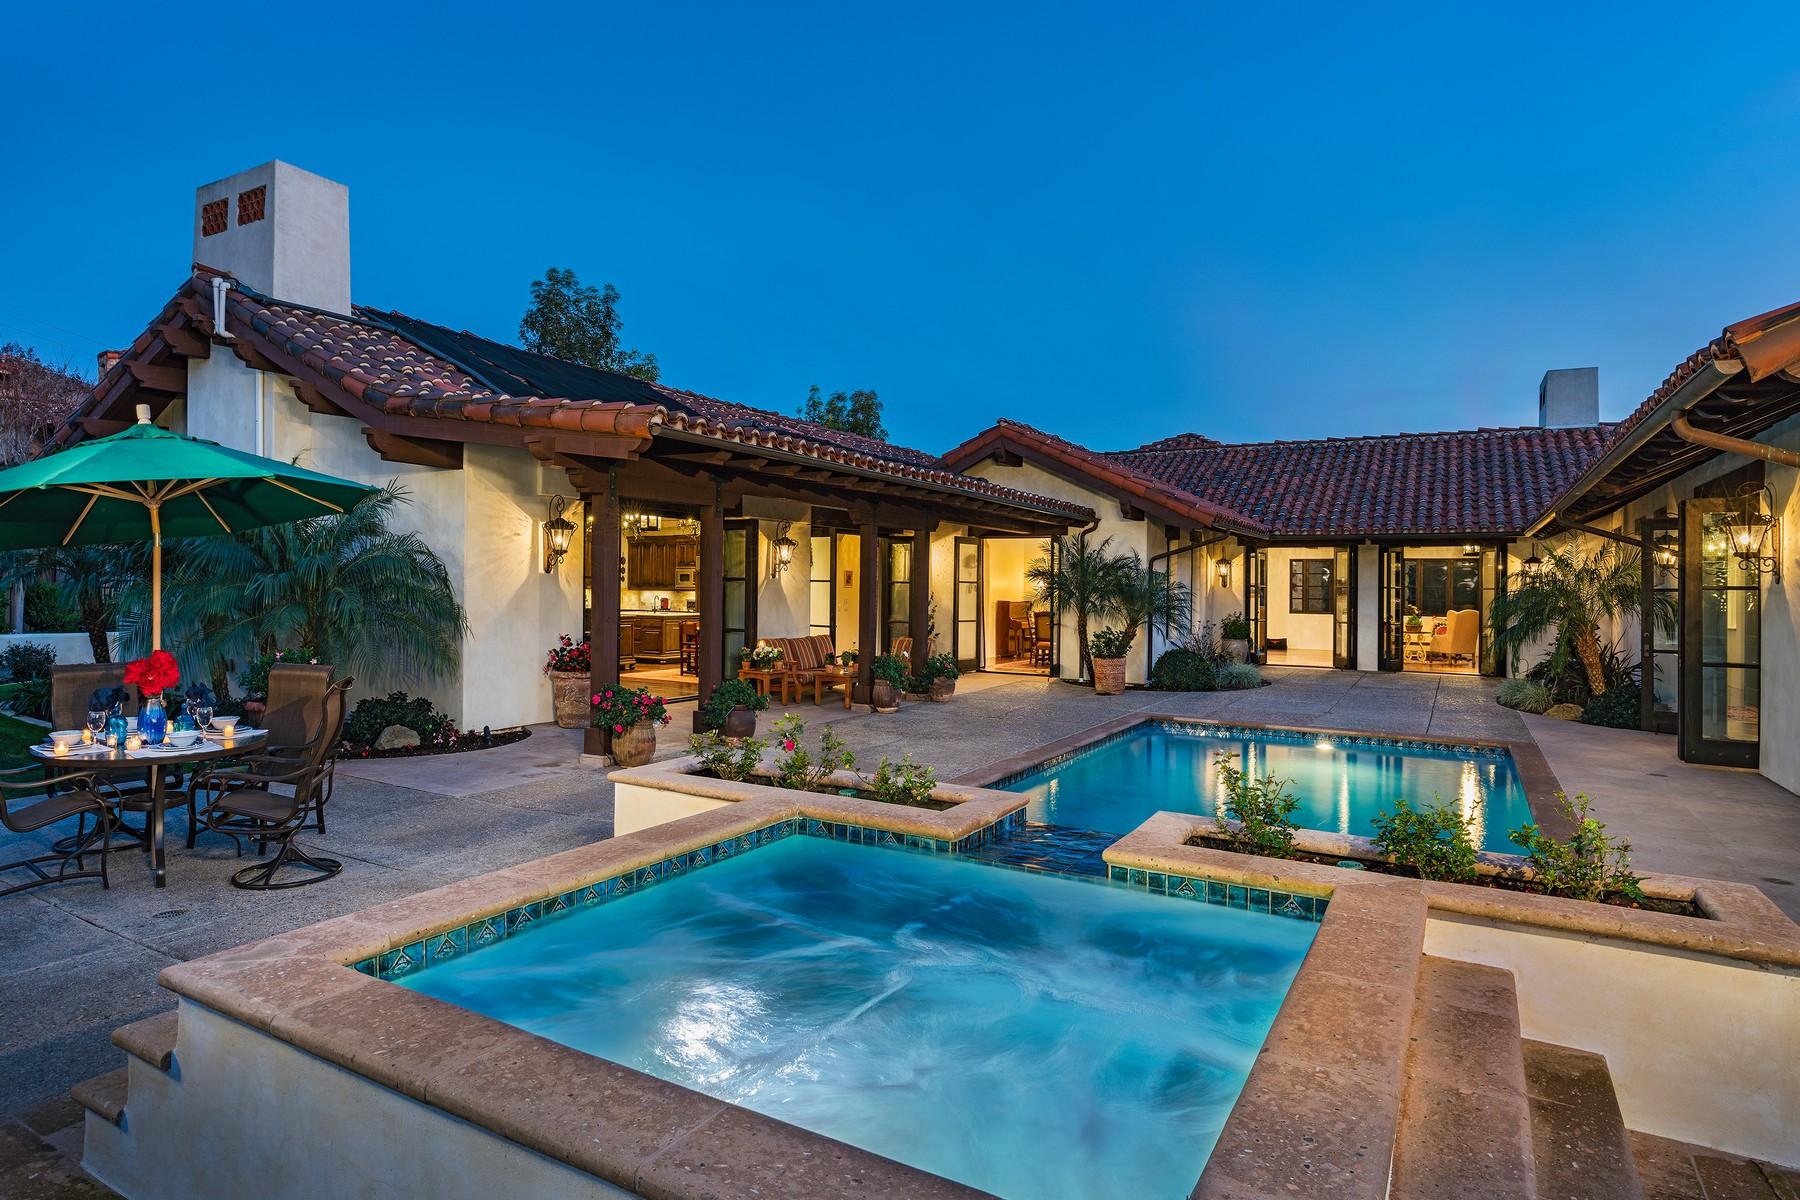 Casa Unifamiliar por un Venta en 18484 Calle La Serra Rancho Santa Fe, California, 92067 Estados Unidos